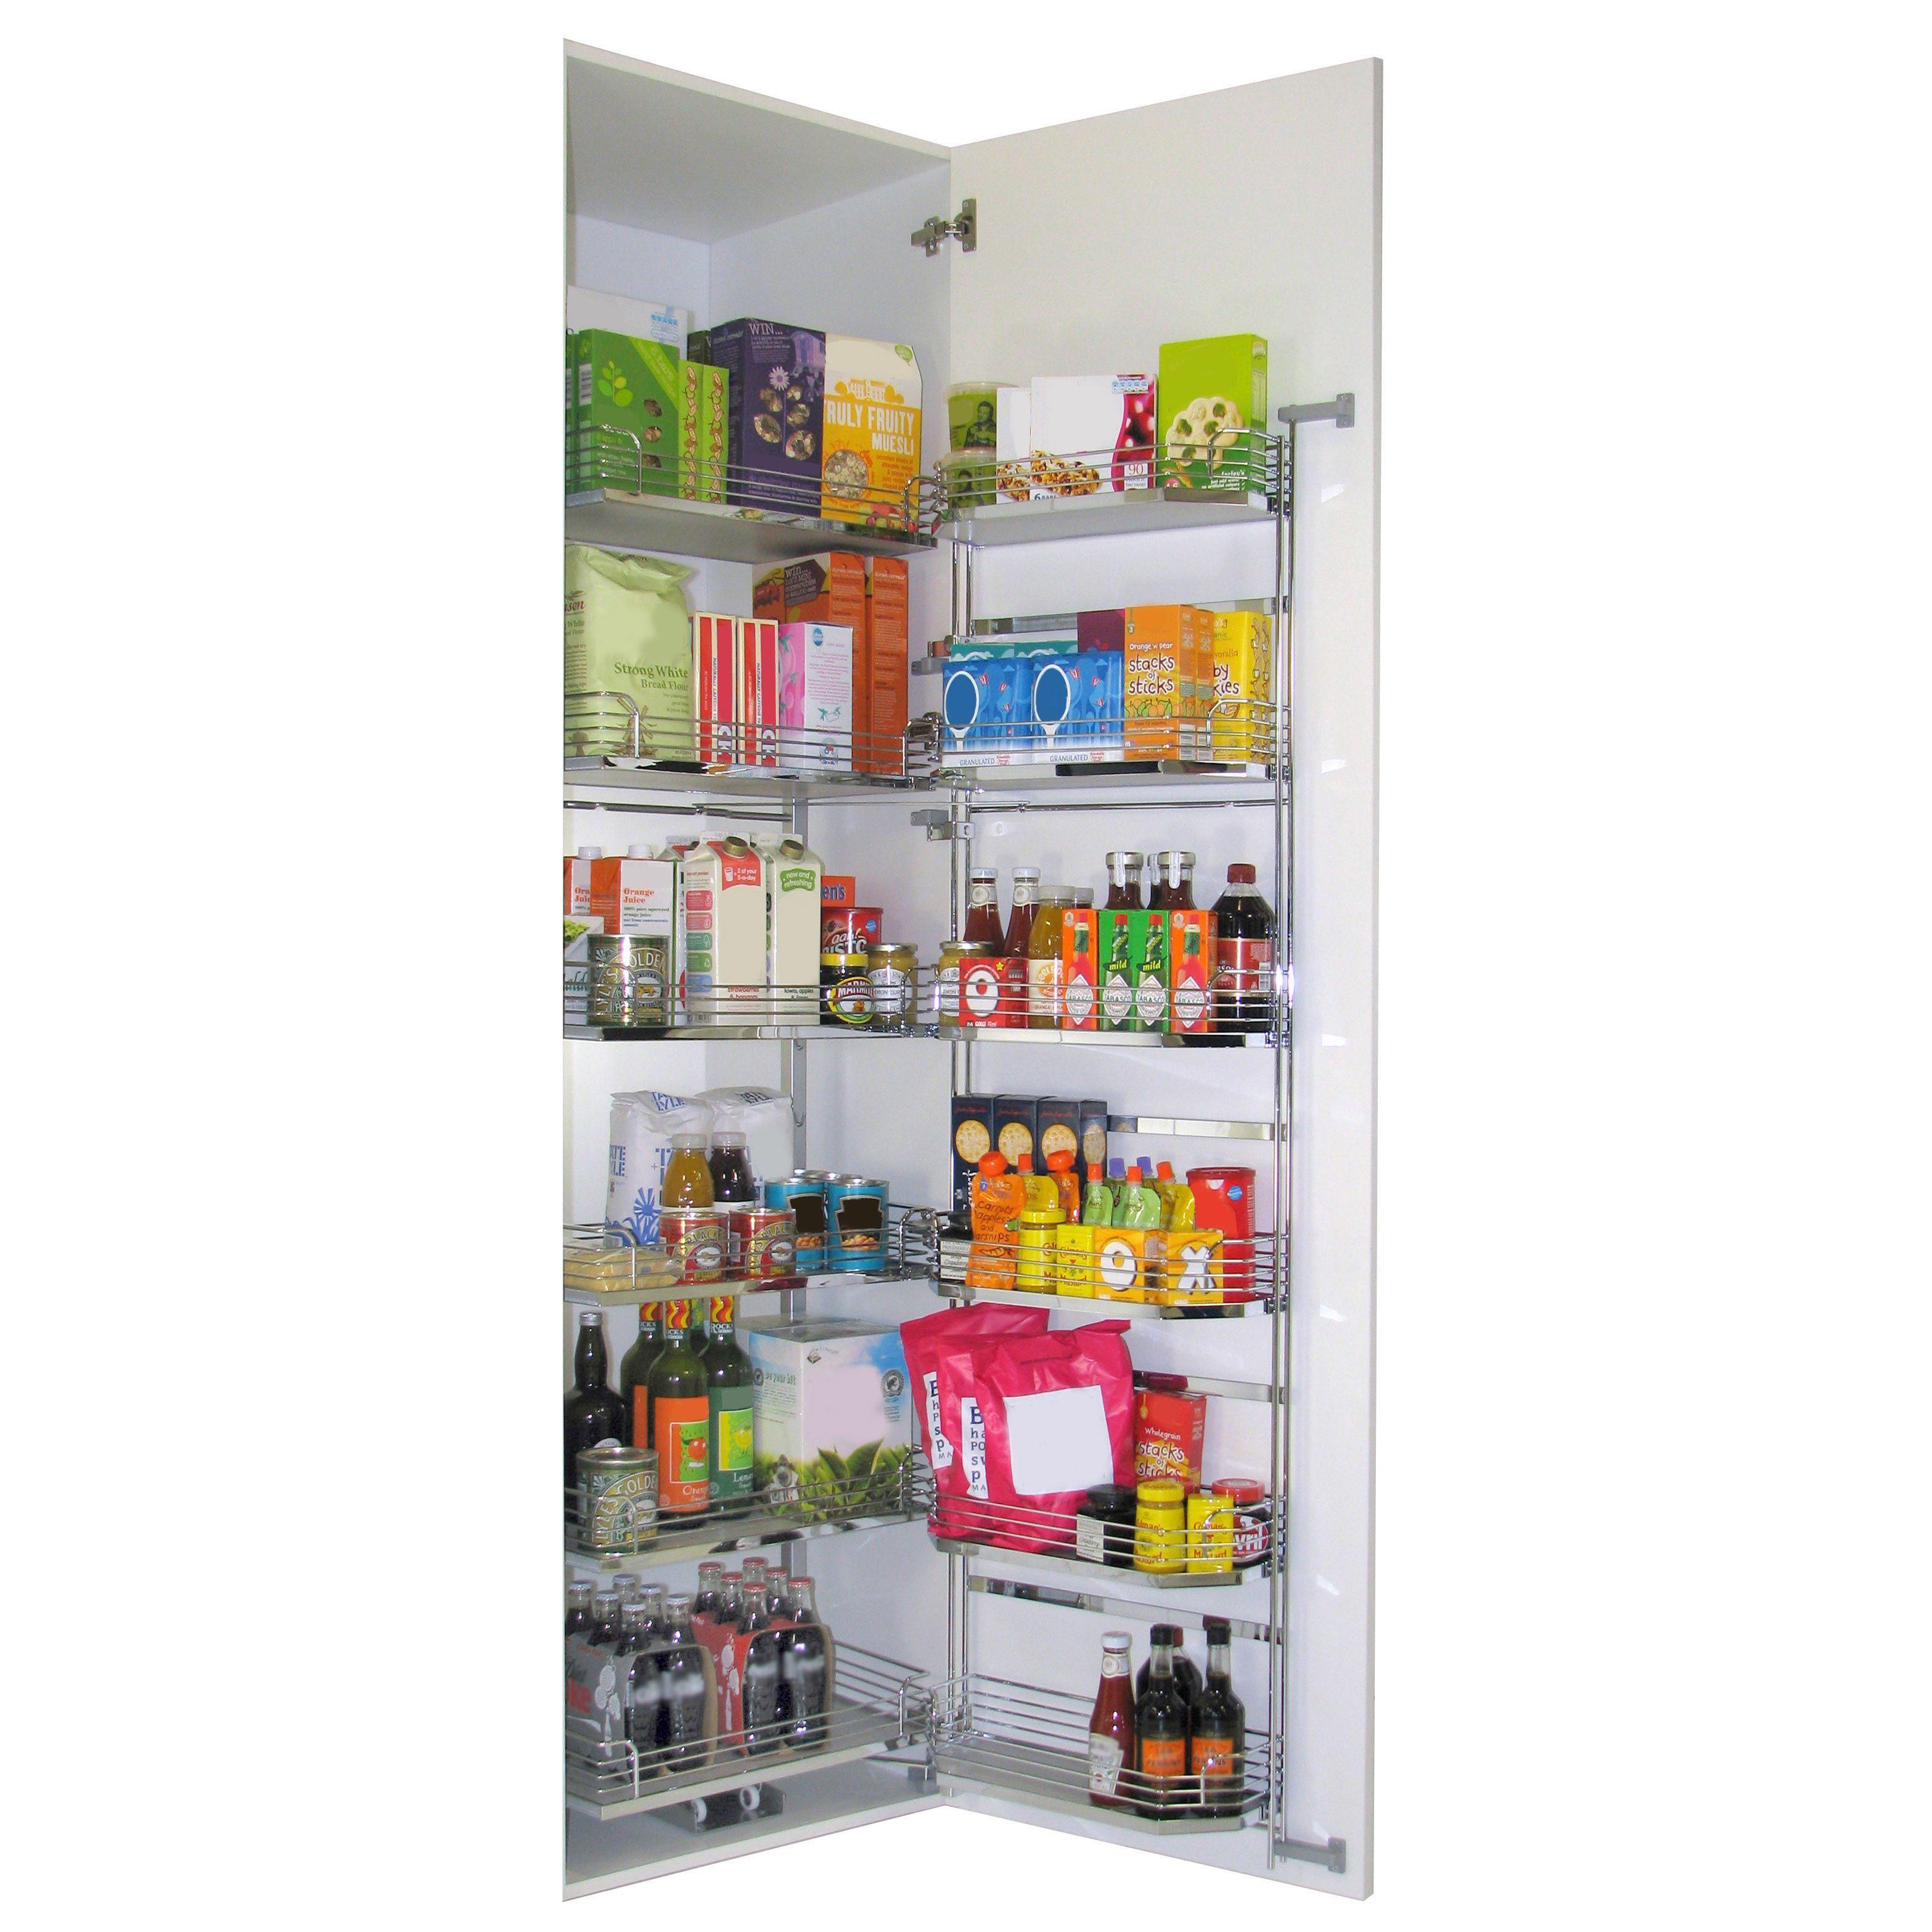 Kitchen Cabinets B And Q: Kesseböhmer Tandem Larder Storage, 600mm